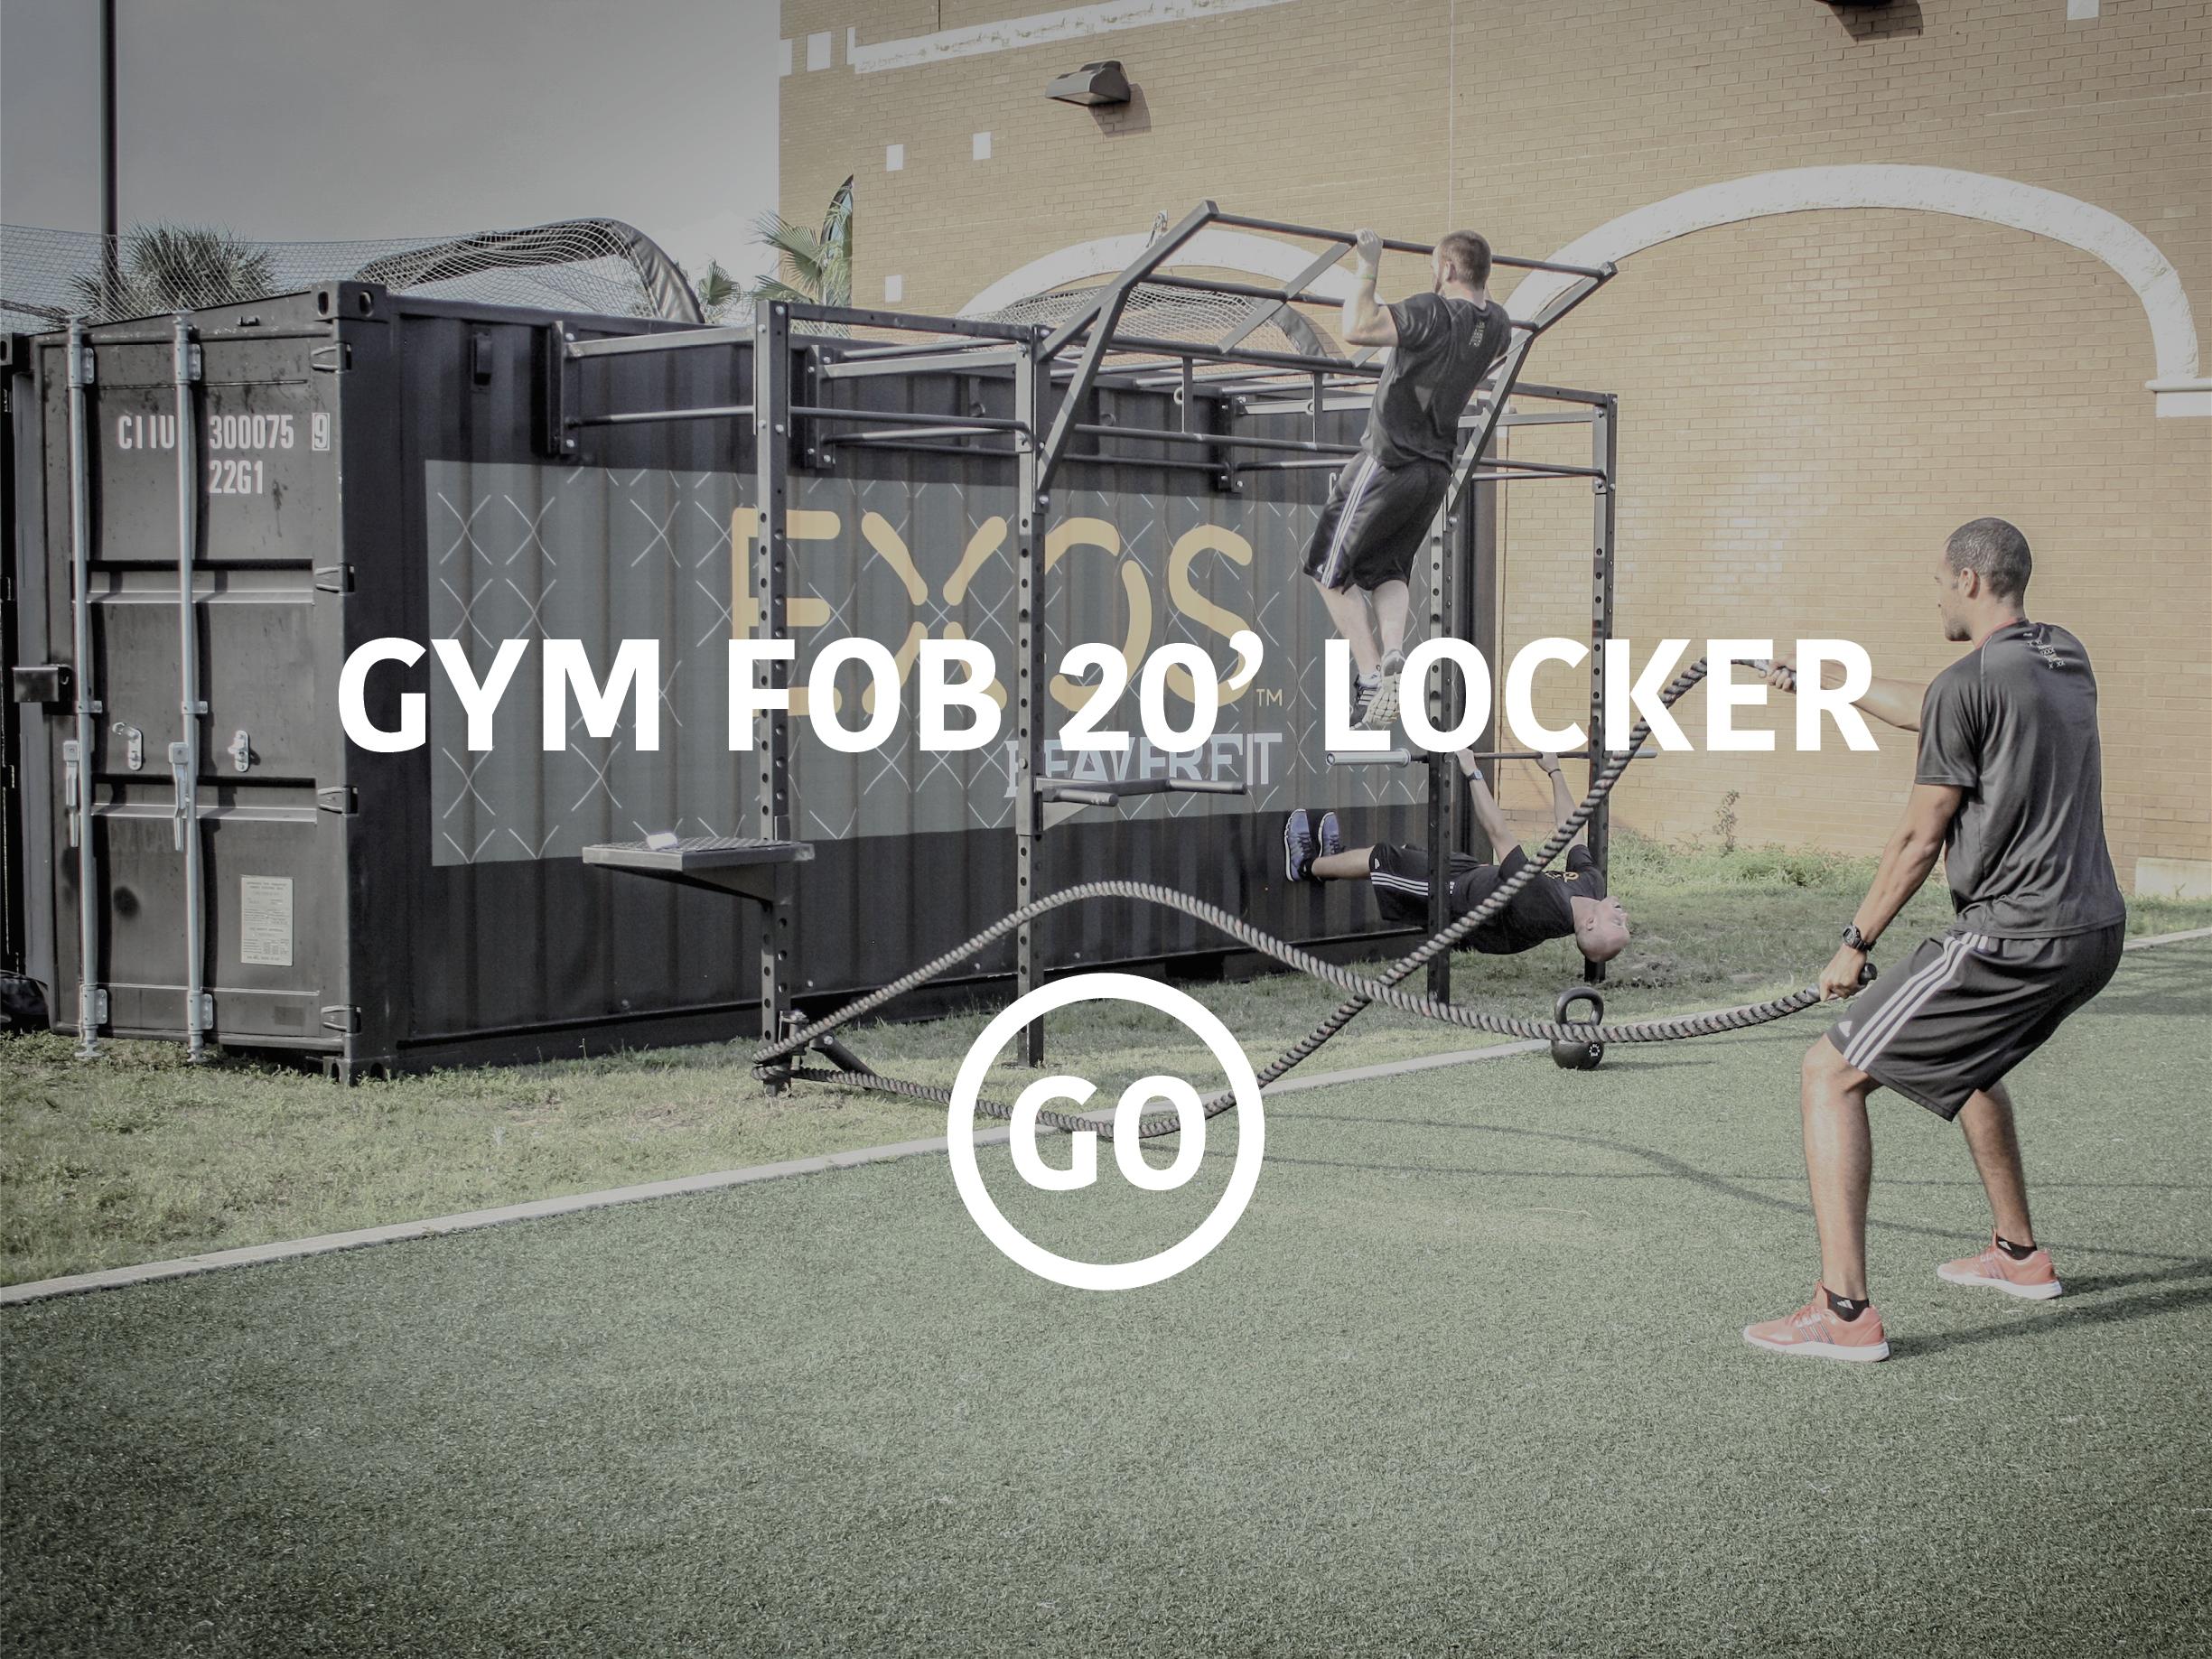 20' Sports Locker Small Box